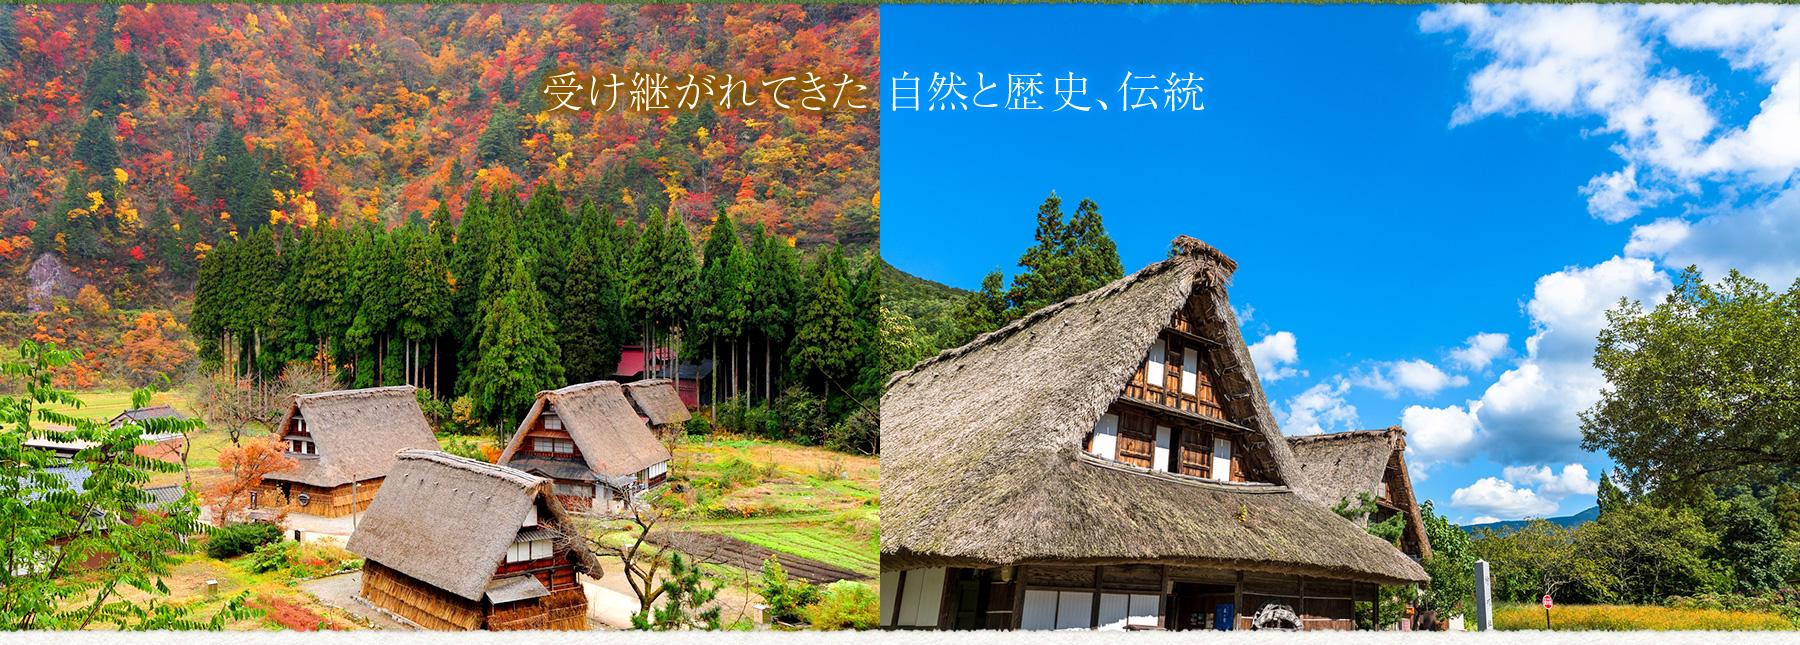 受け継がれてきた自然と歴史、伝統